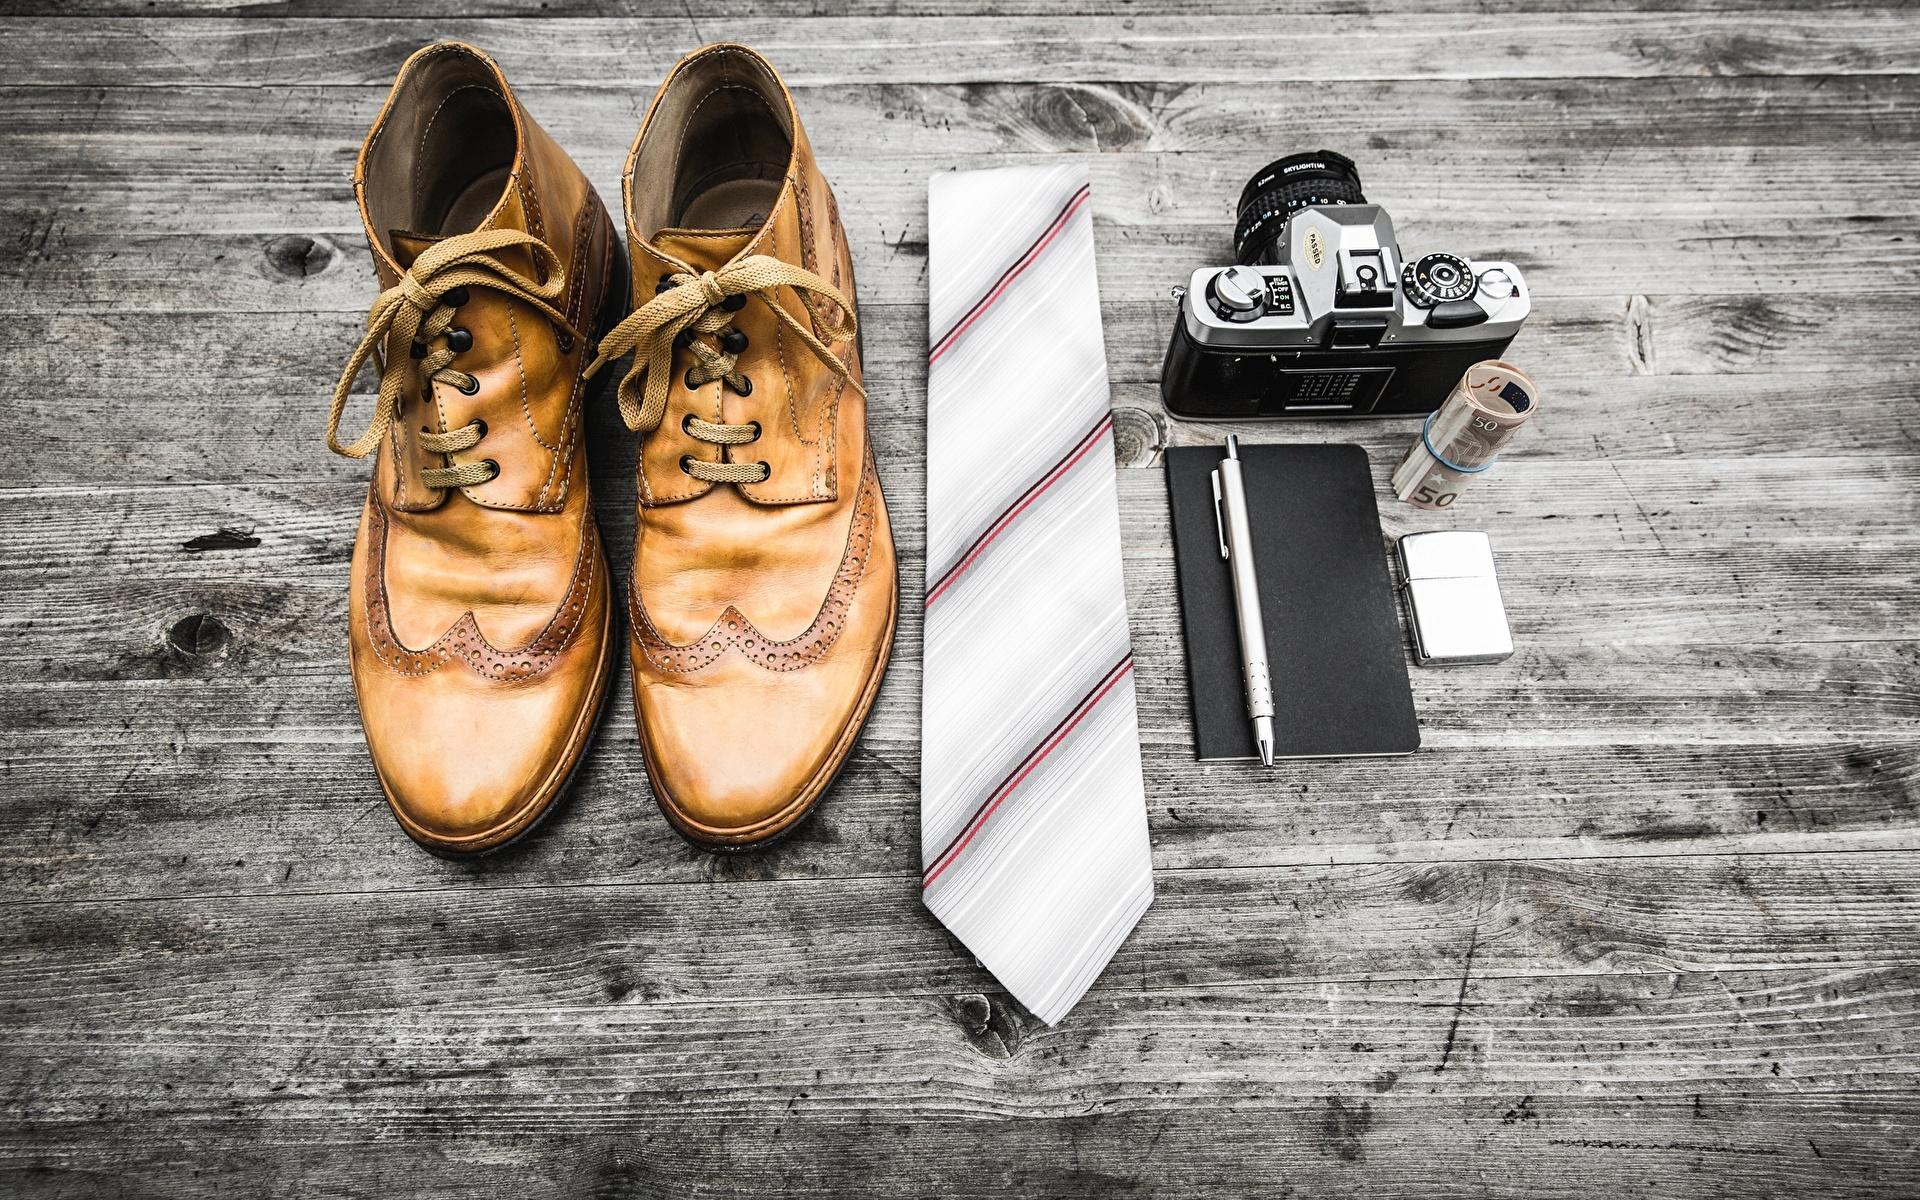 Foto Fotoapparat Kugelschreiber Boots Krawatte Bretter 1920x1200